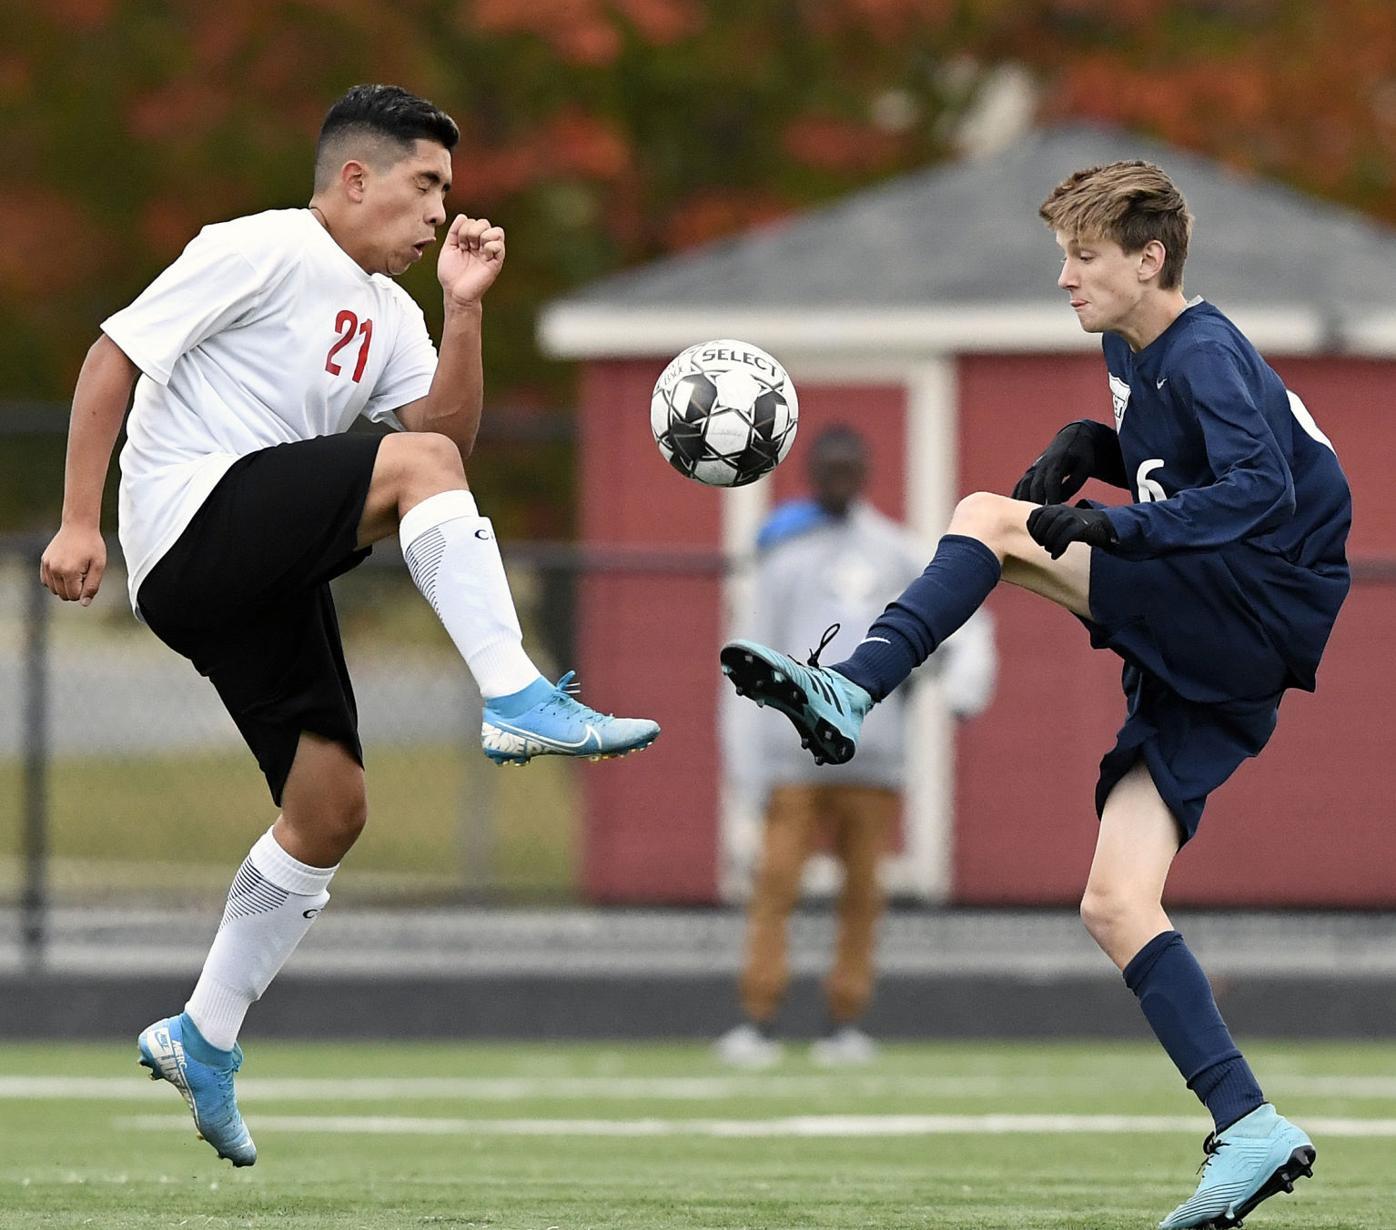 Manheim Twp. vs McCaskey-LL Boys Soccer Championships